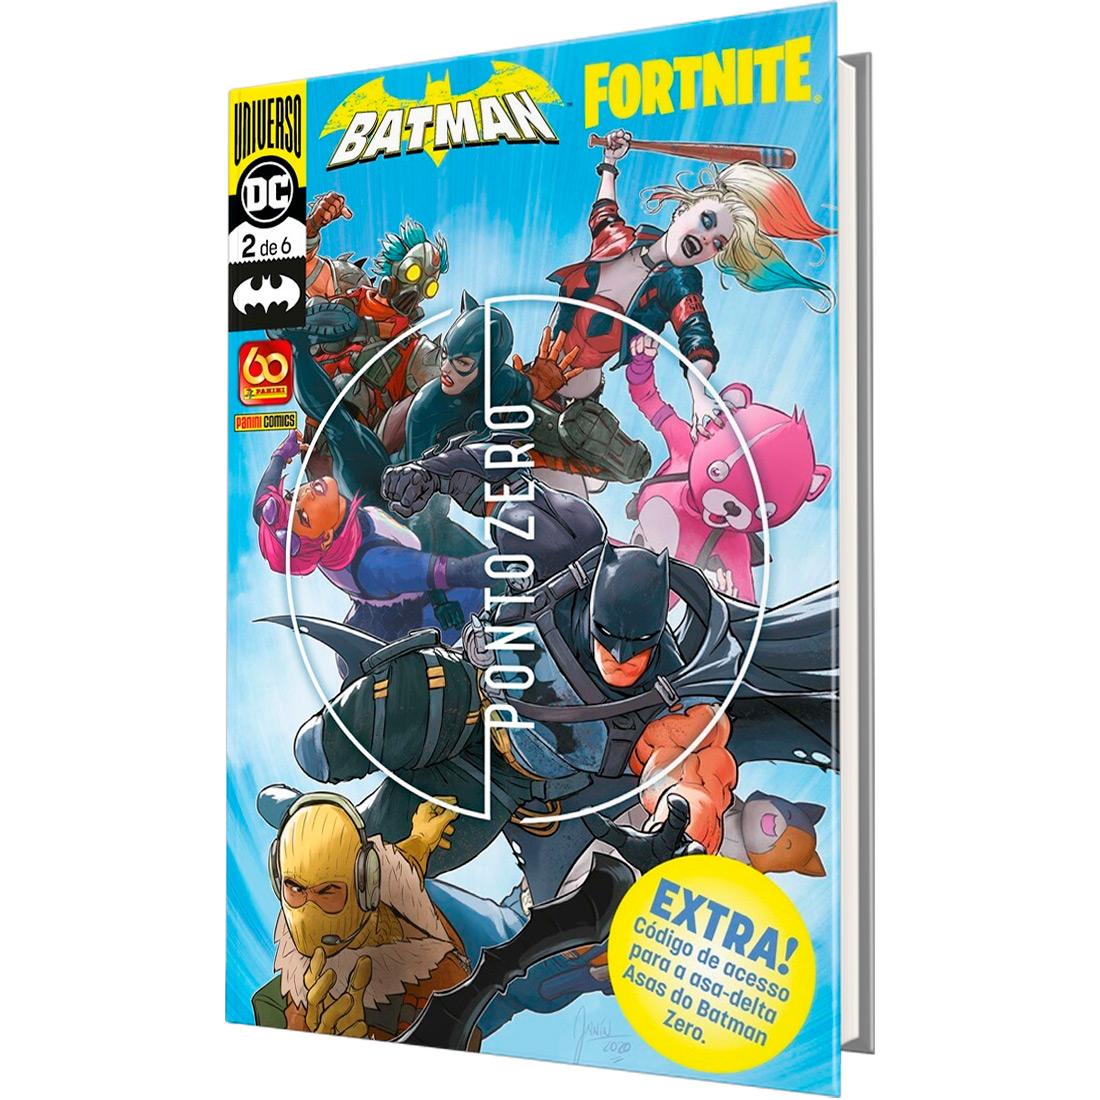 Batman - Fortnite Vol. 2 (Digital)